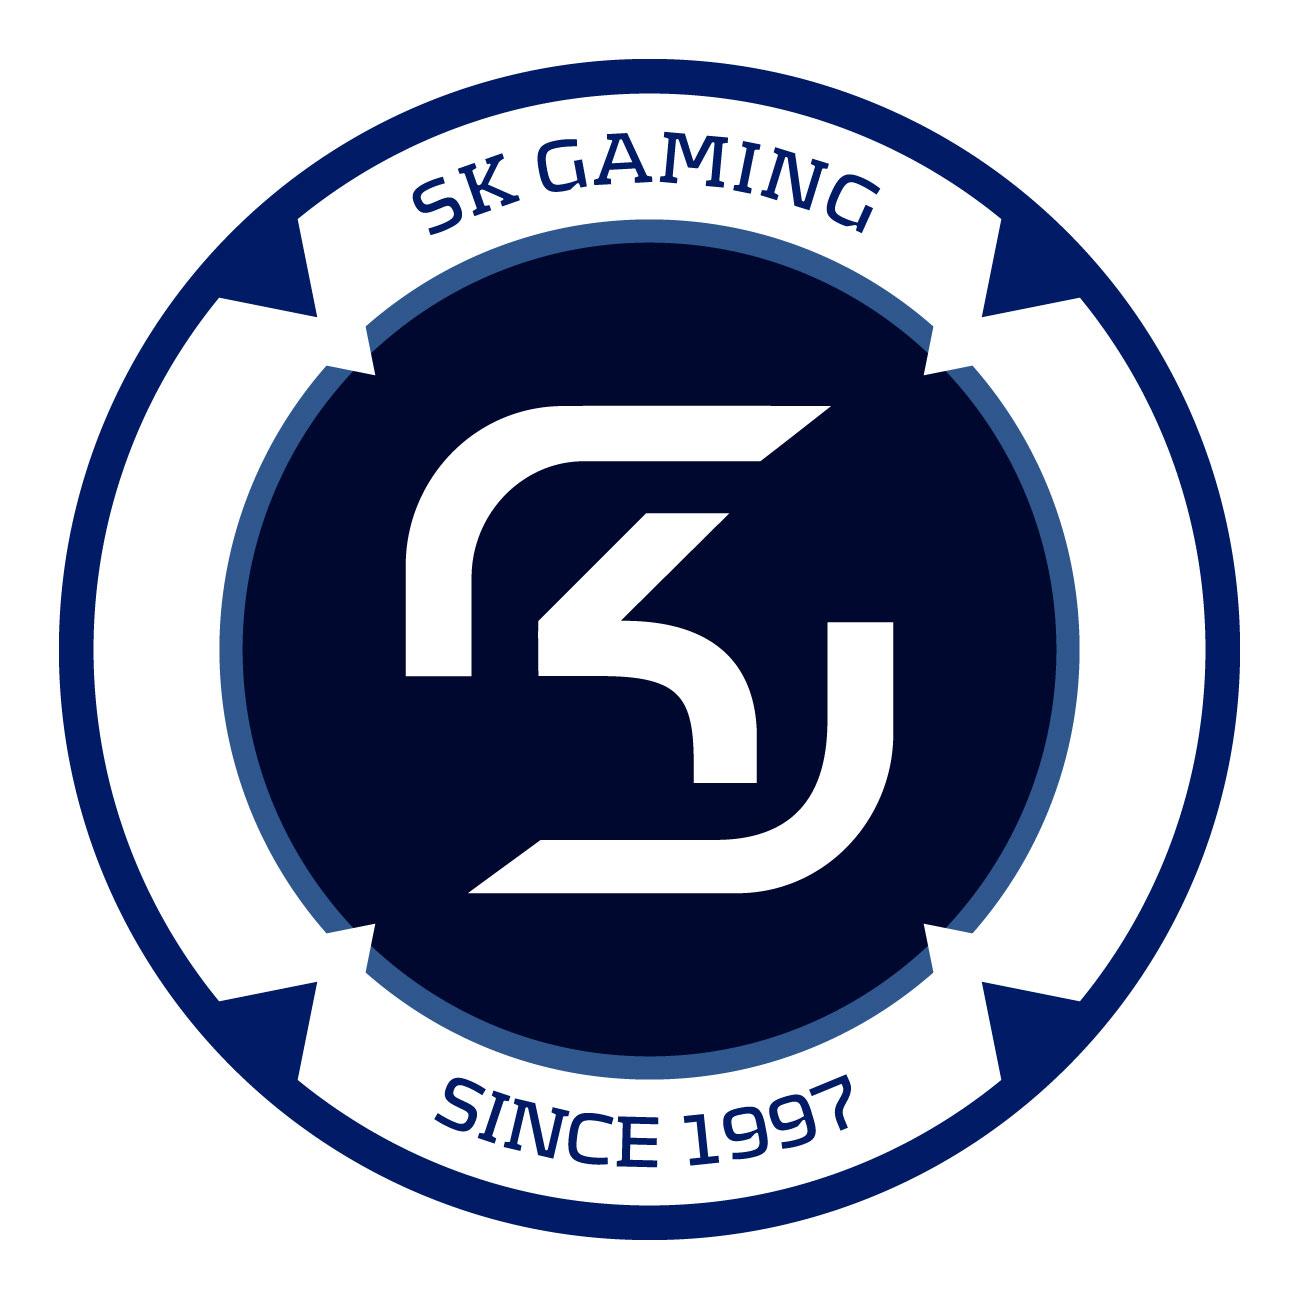 создать лого для cs: